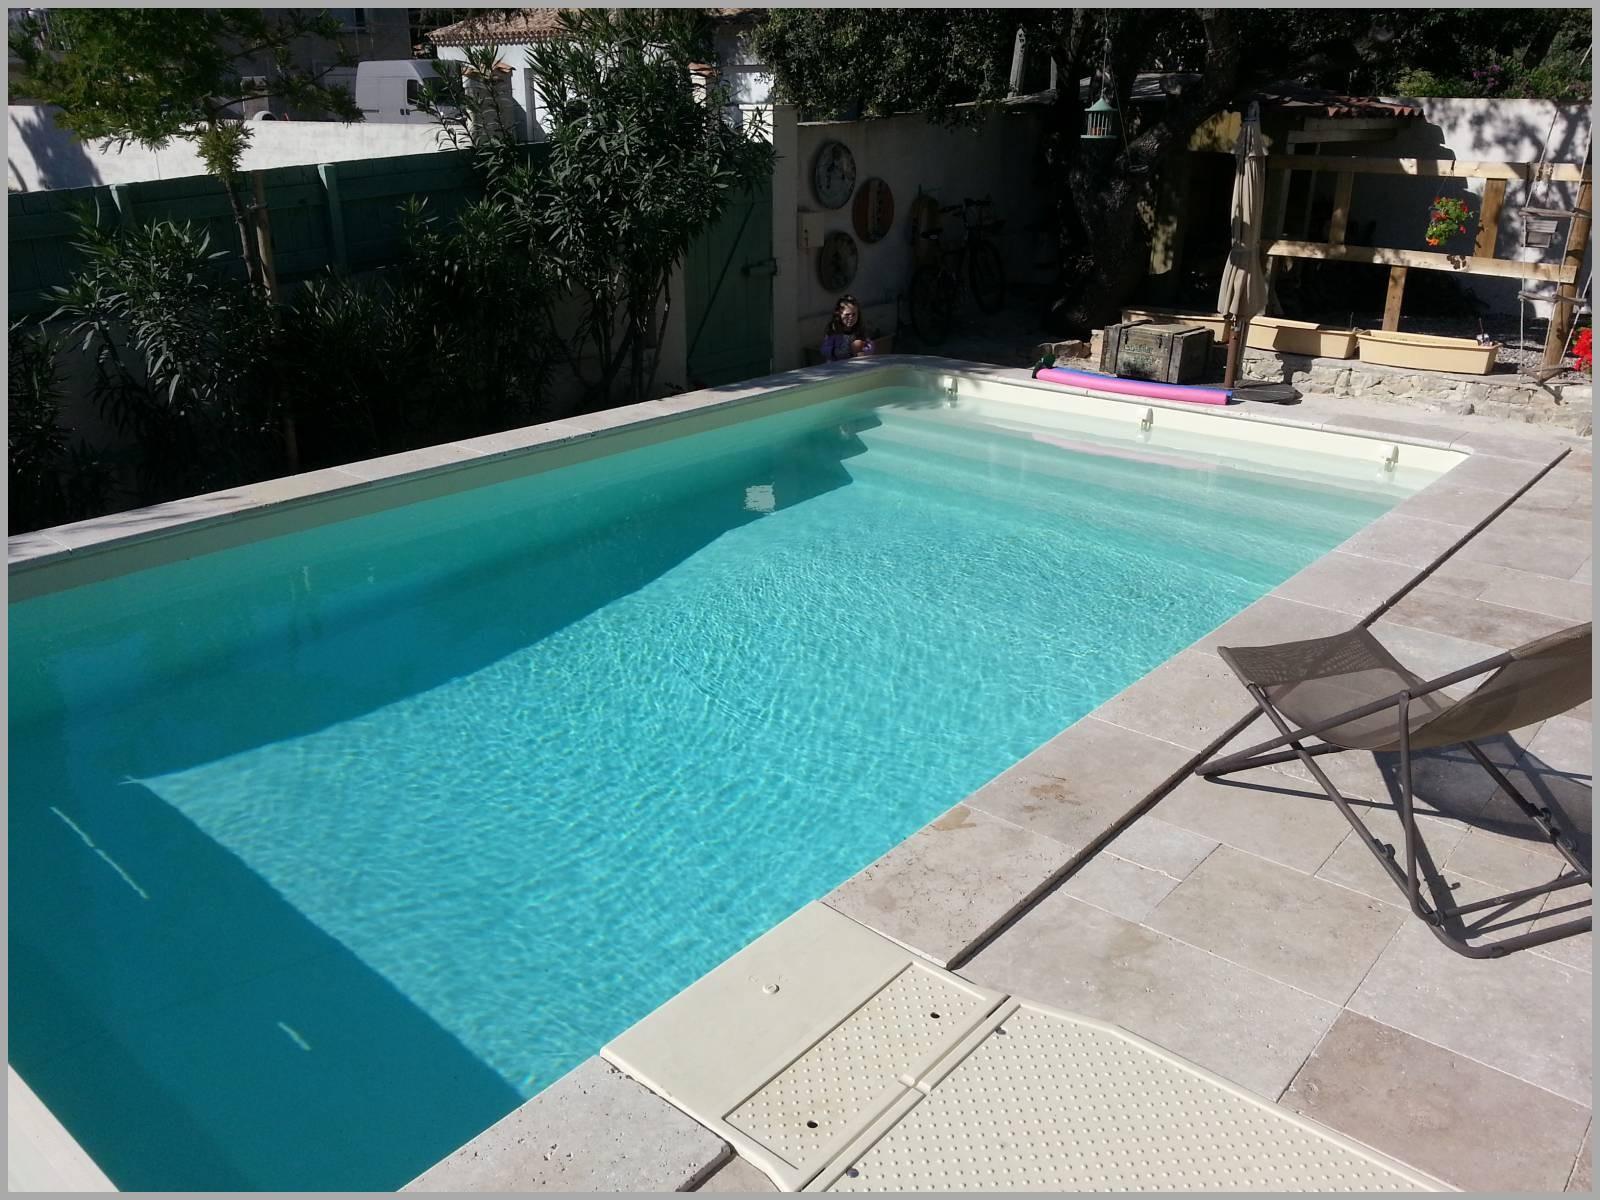 Prix d 39 une pompe chaleur pour piscine desjoyaux id es de travaux - Prix pompe a chaleur pour piscine ...